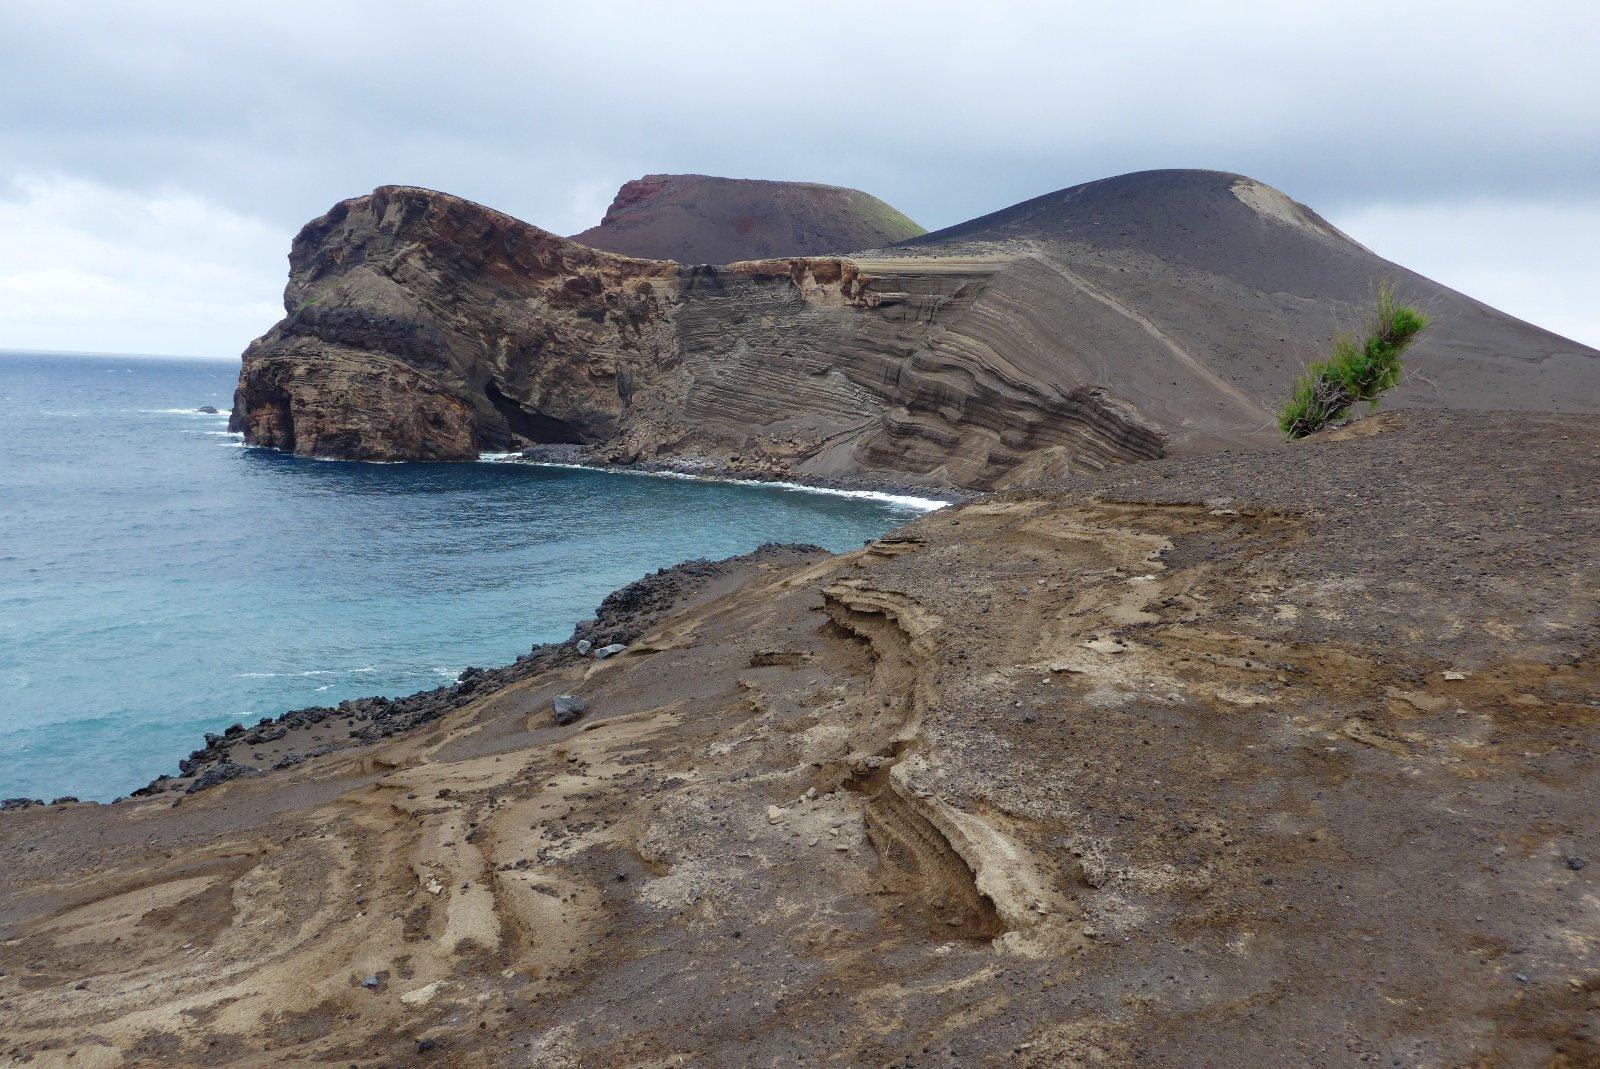 La zona creata dall'eruzione del vulcano